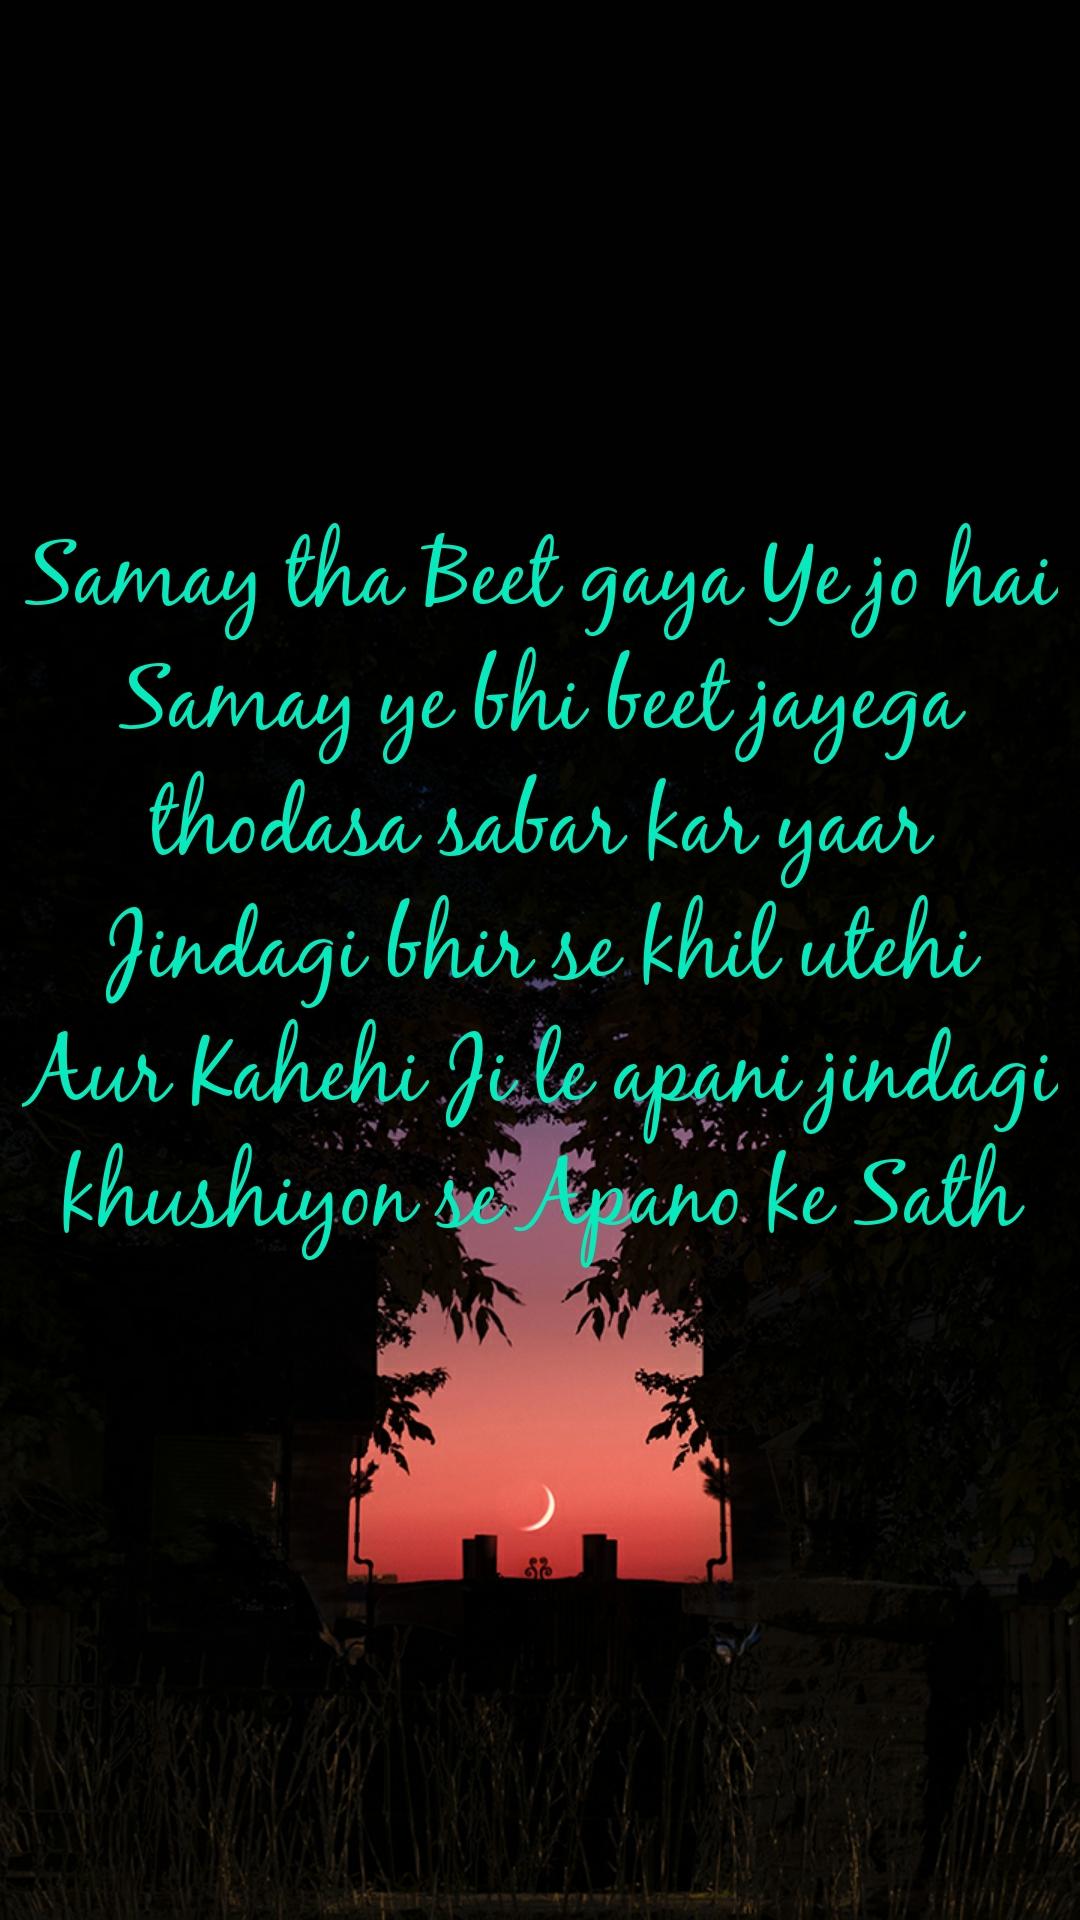 Samay tha Beet gaya Ye jo hai Samay ye bhi beet jayega thodasa sabar kar yaar Jindagi bhir se khil utehi Aur Kahehi Ji le apani jindagi khushiyon se Apano ke Sath